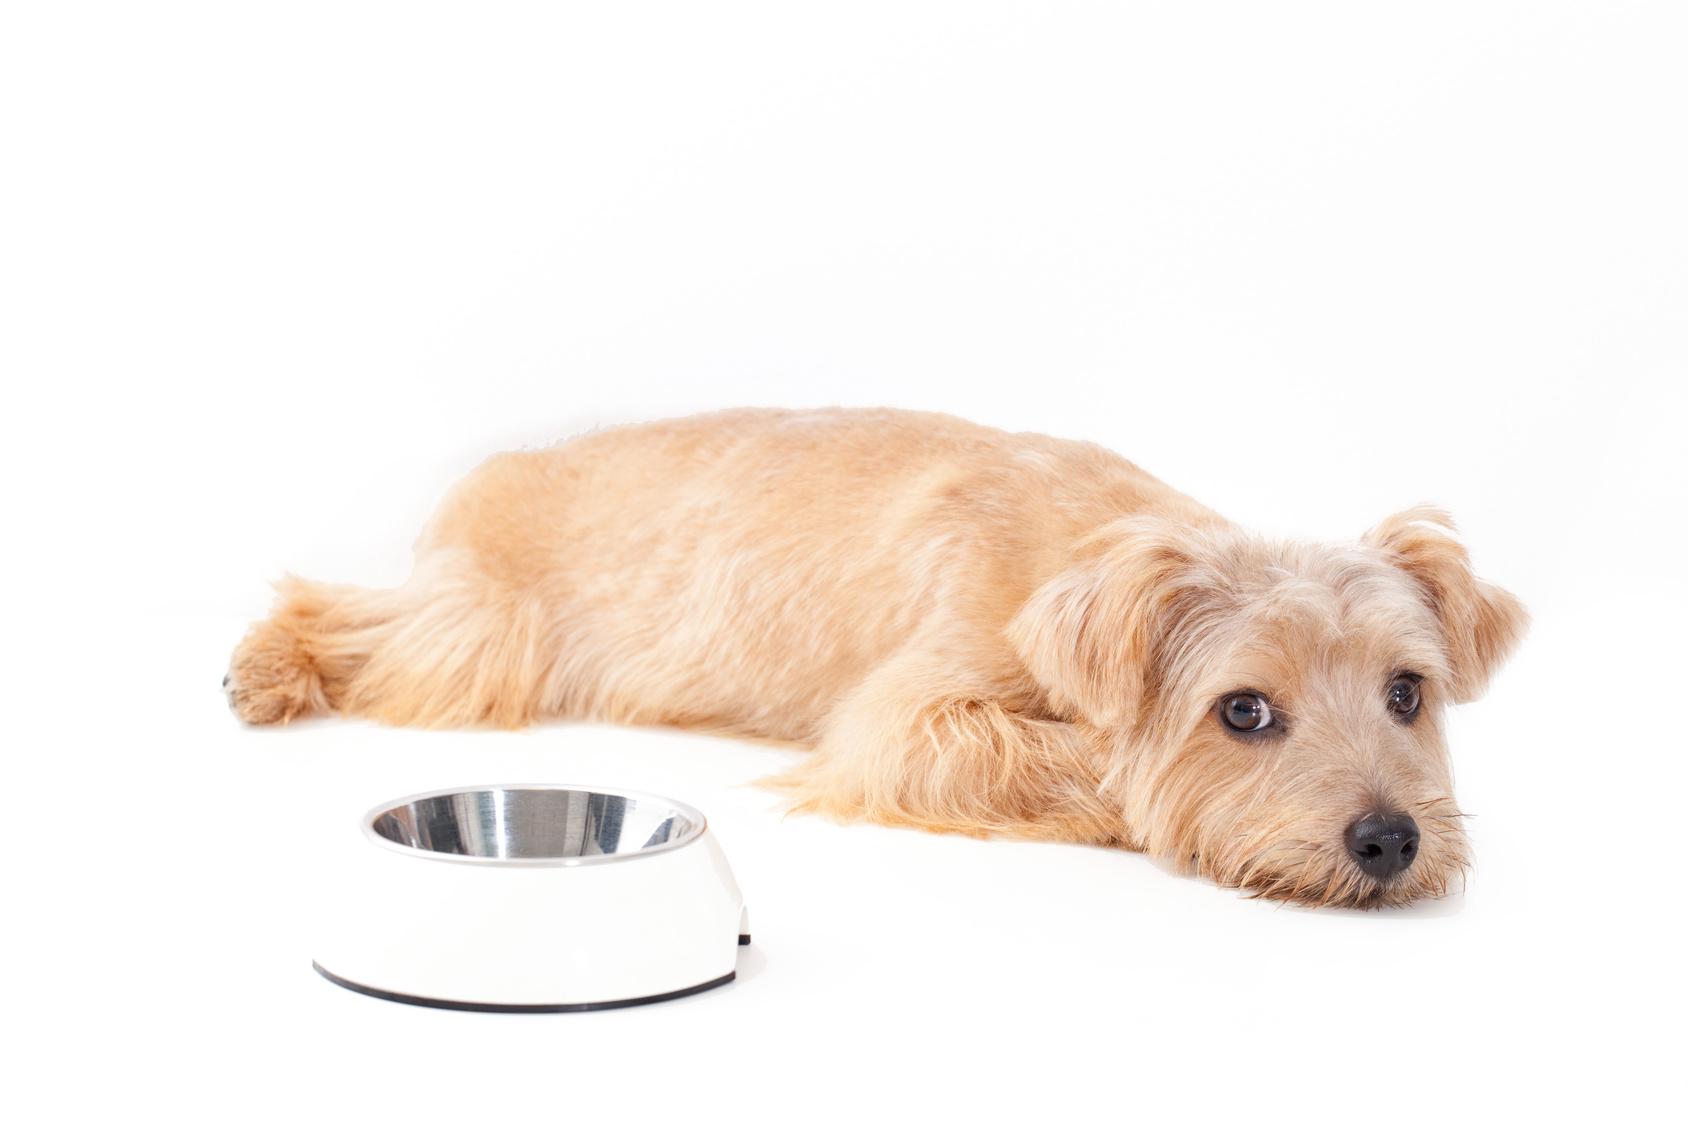 愛犬がごはんを食べないのは病気?わがまま!?見極めるポイントとは